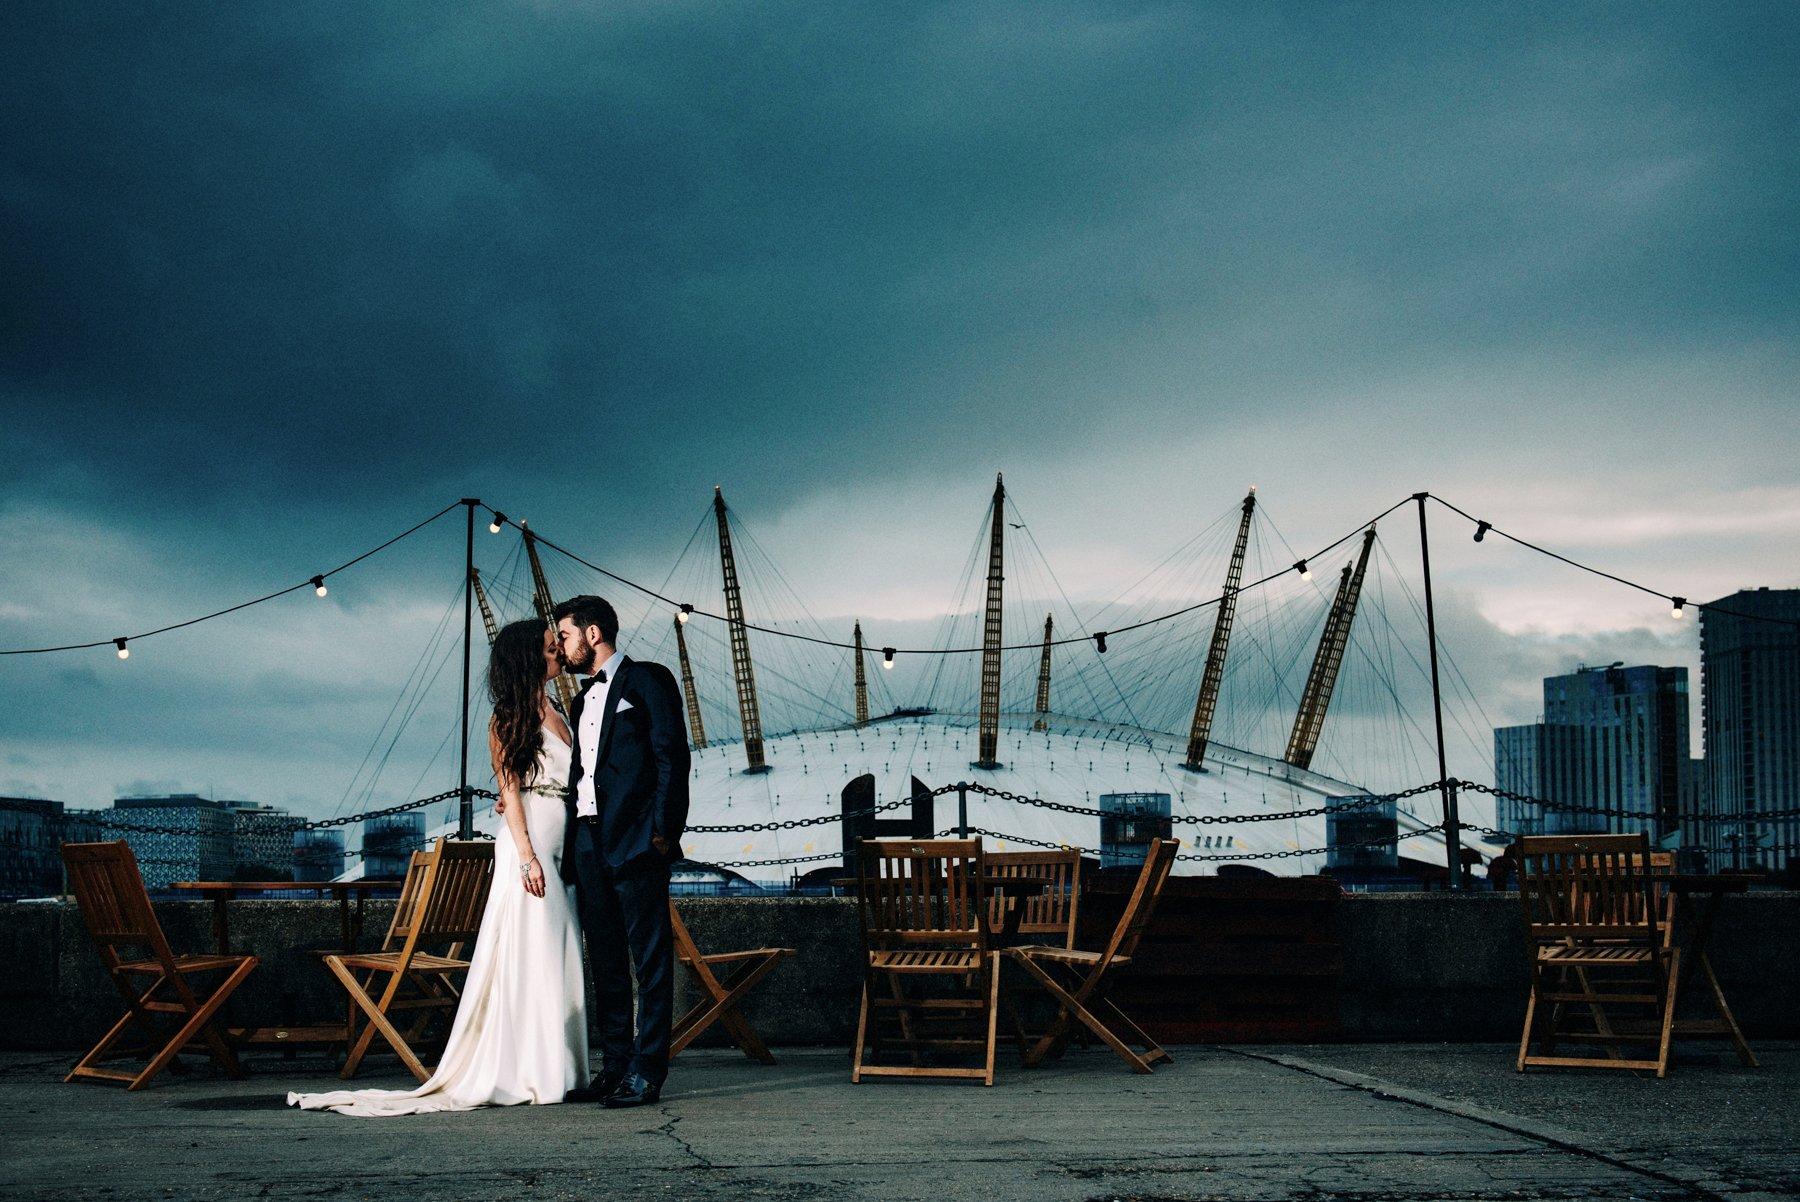 Johanna Johnson bride with groom